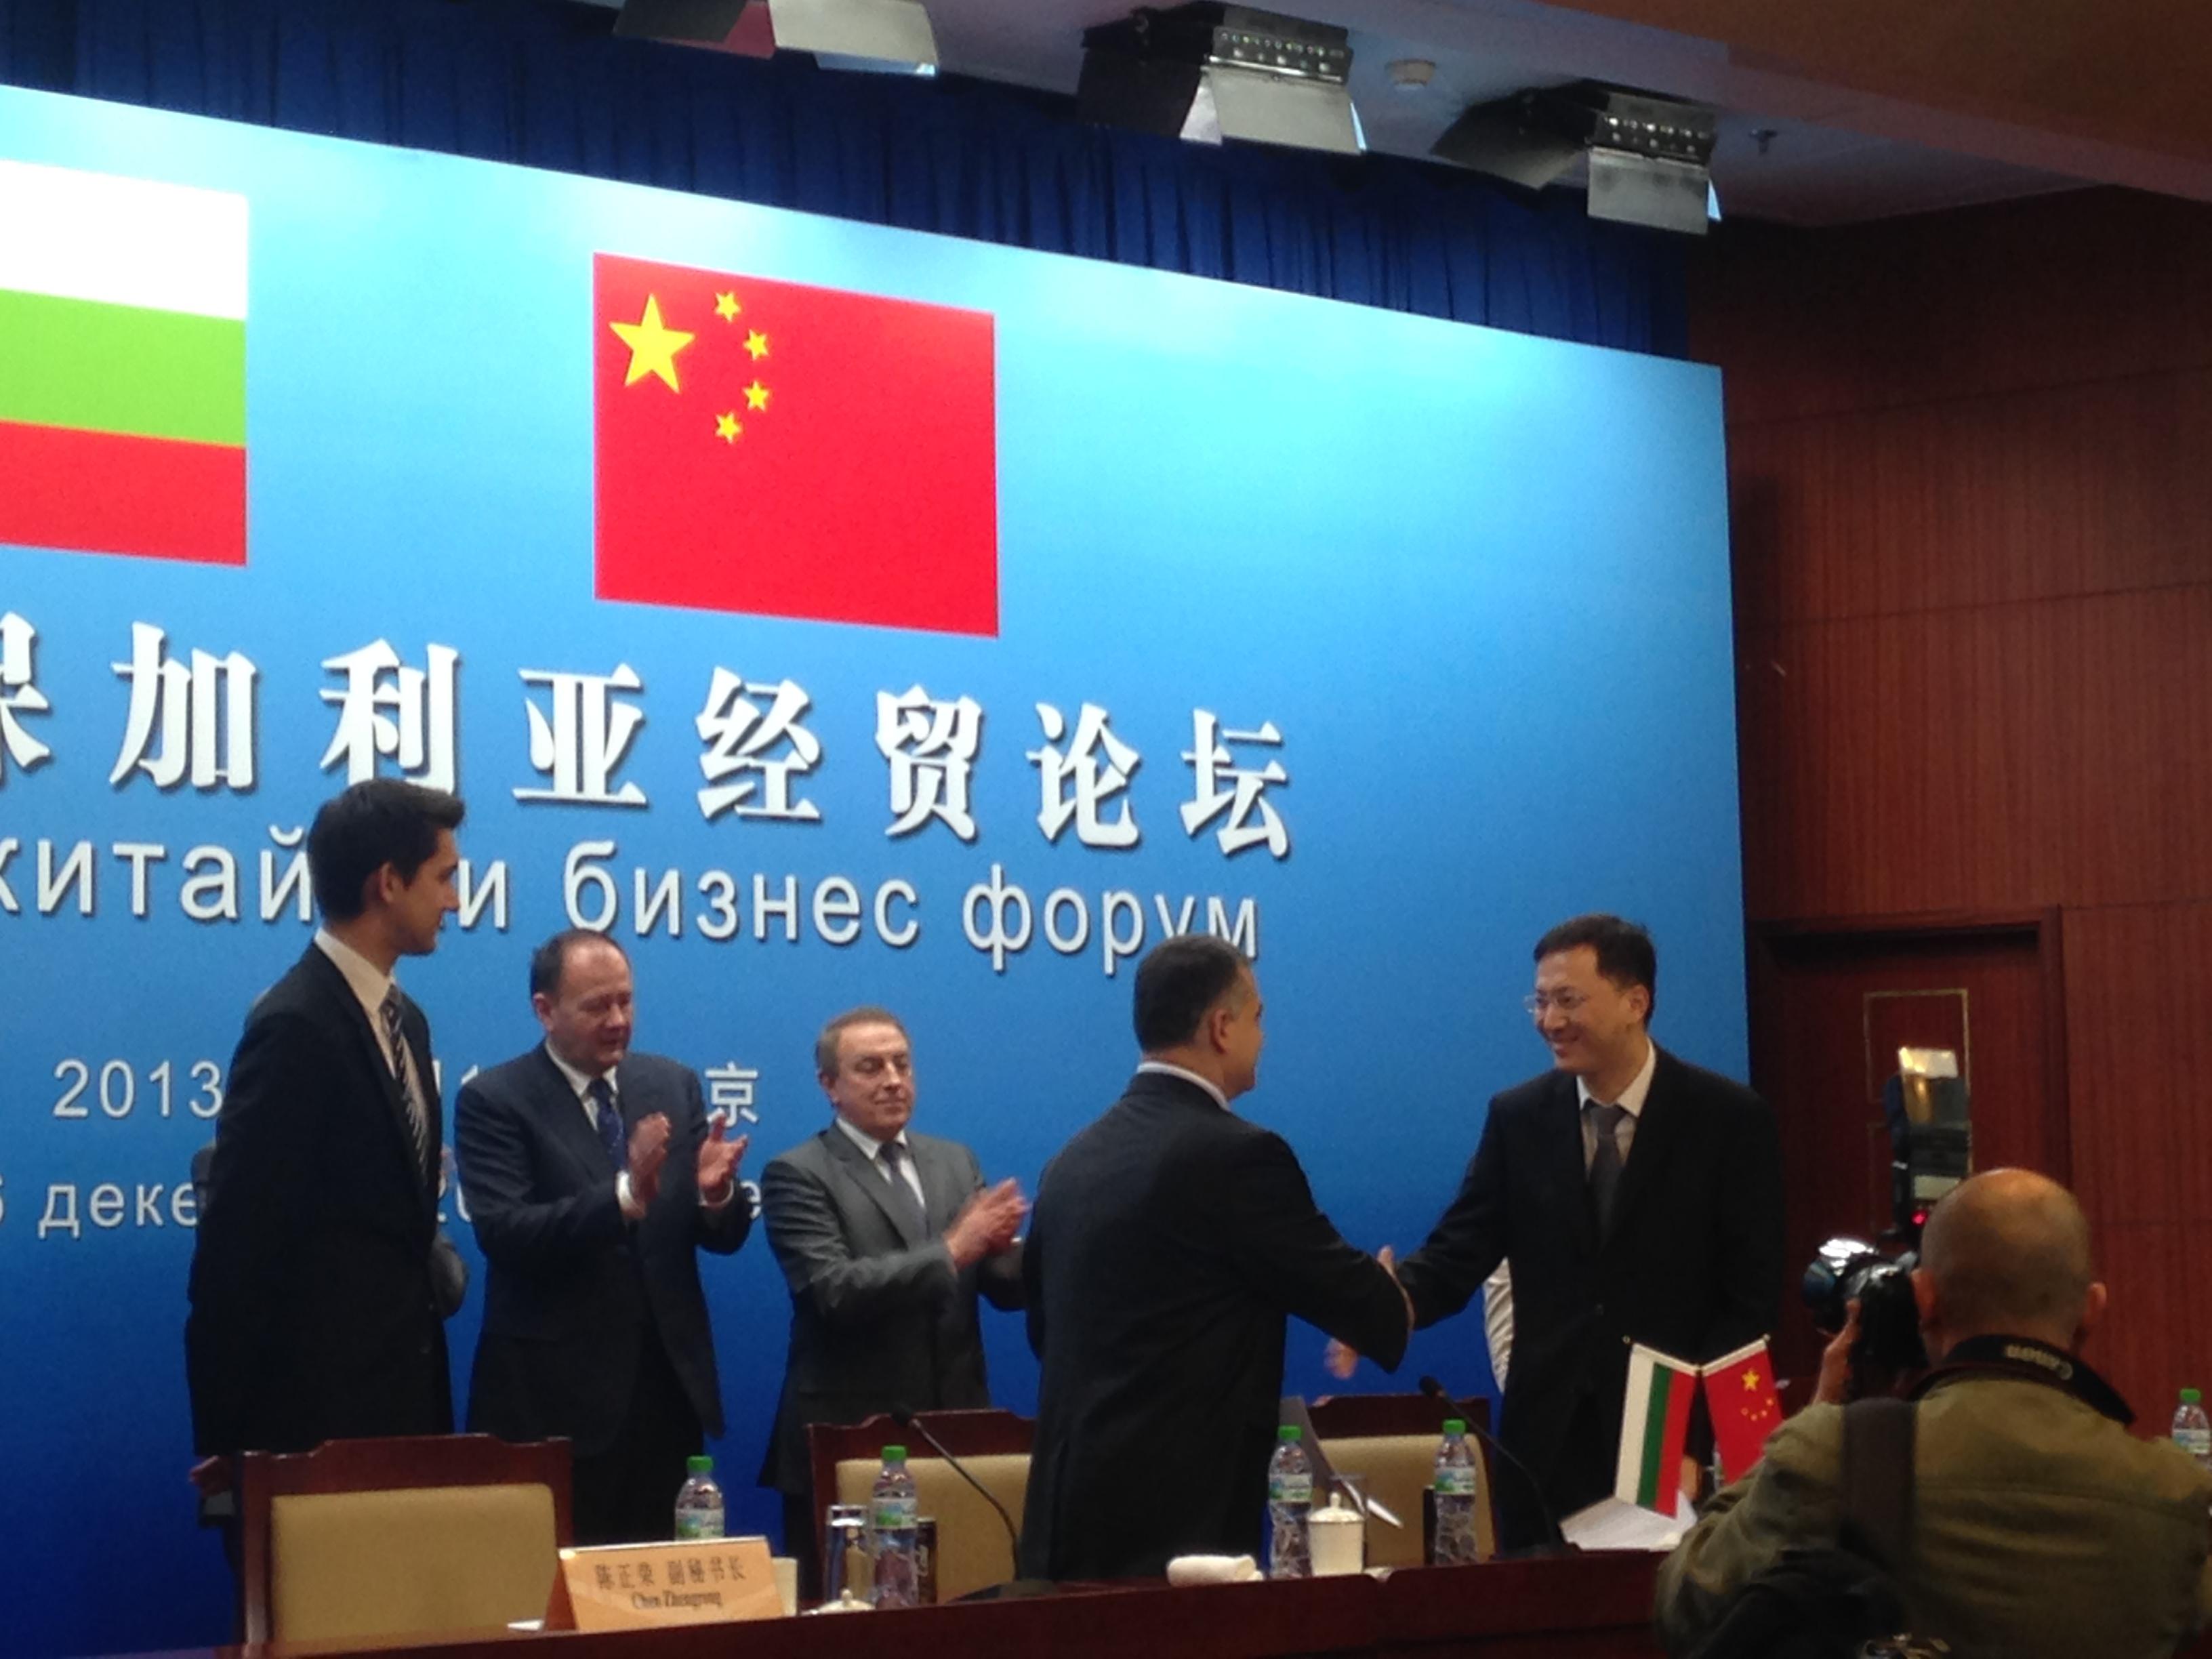 Откриване на бизнес форум в Китайската столица Пекин и подписване на споразумение с най големия портал за недвижими имоти в света